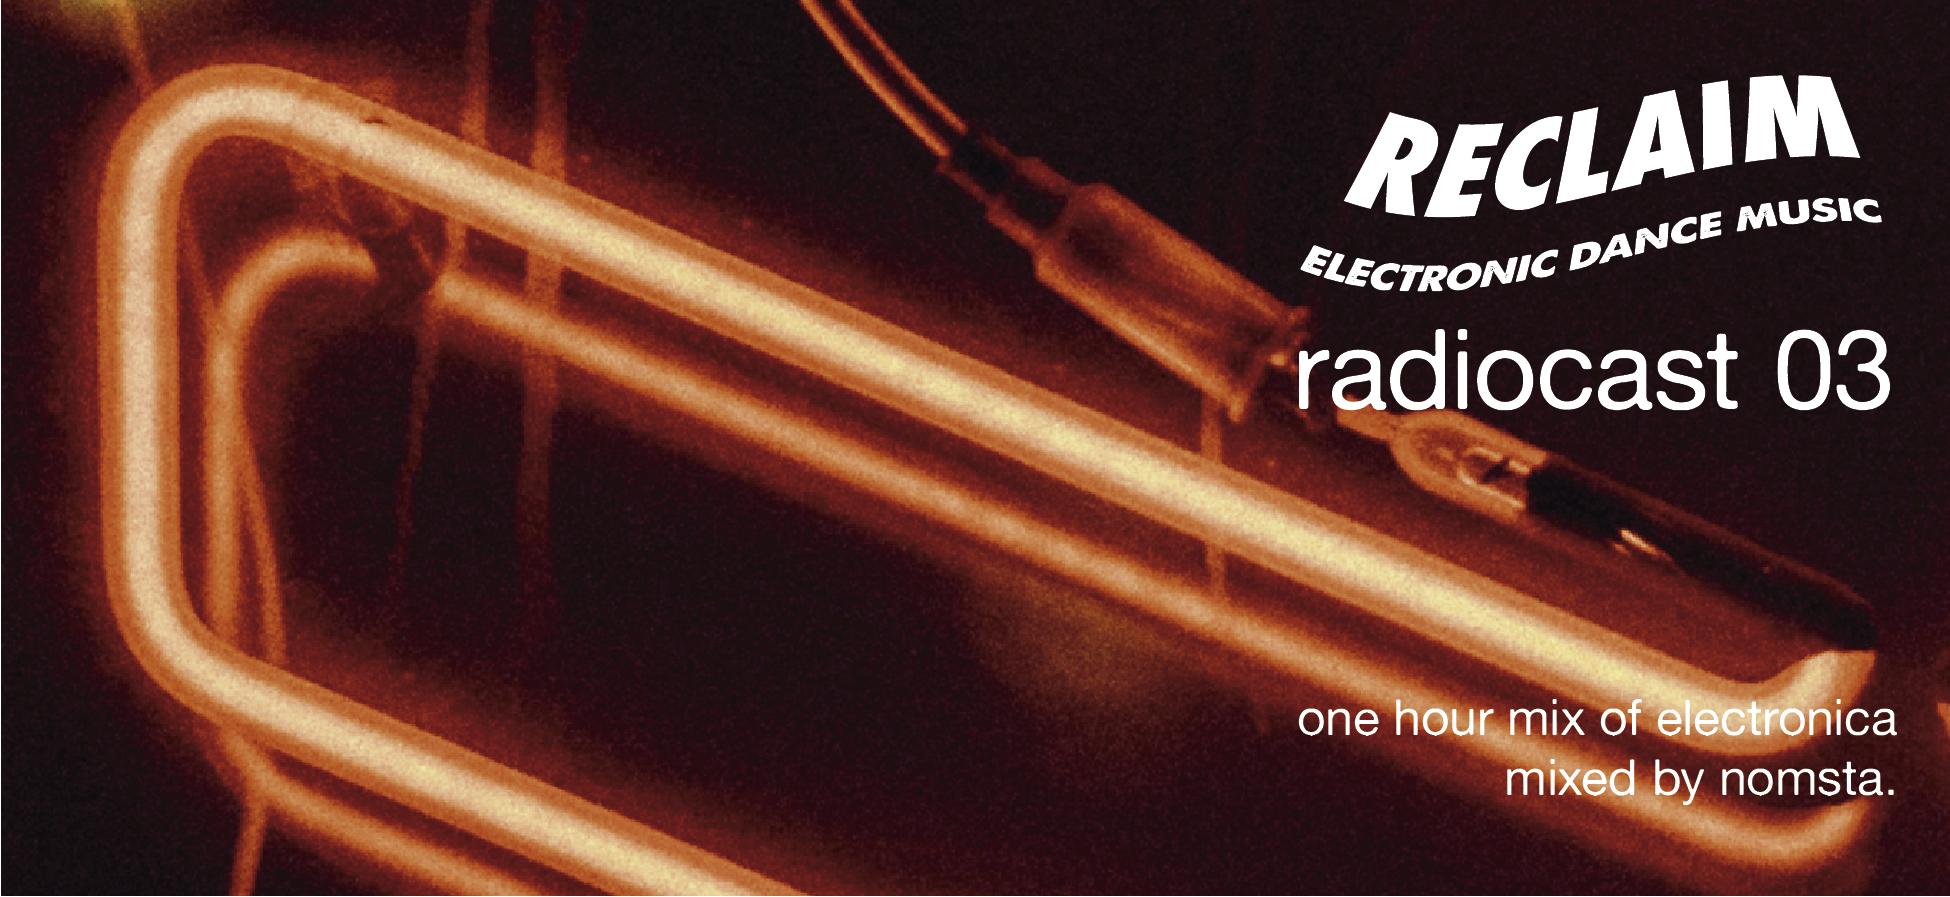 #ReclaimEDM Radiocast 03